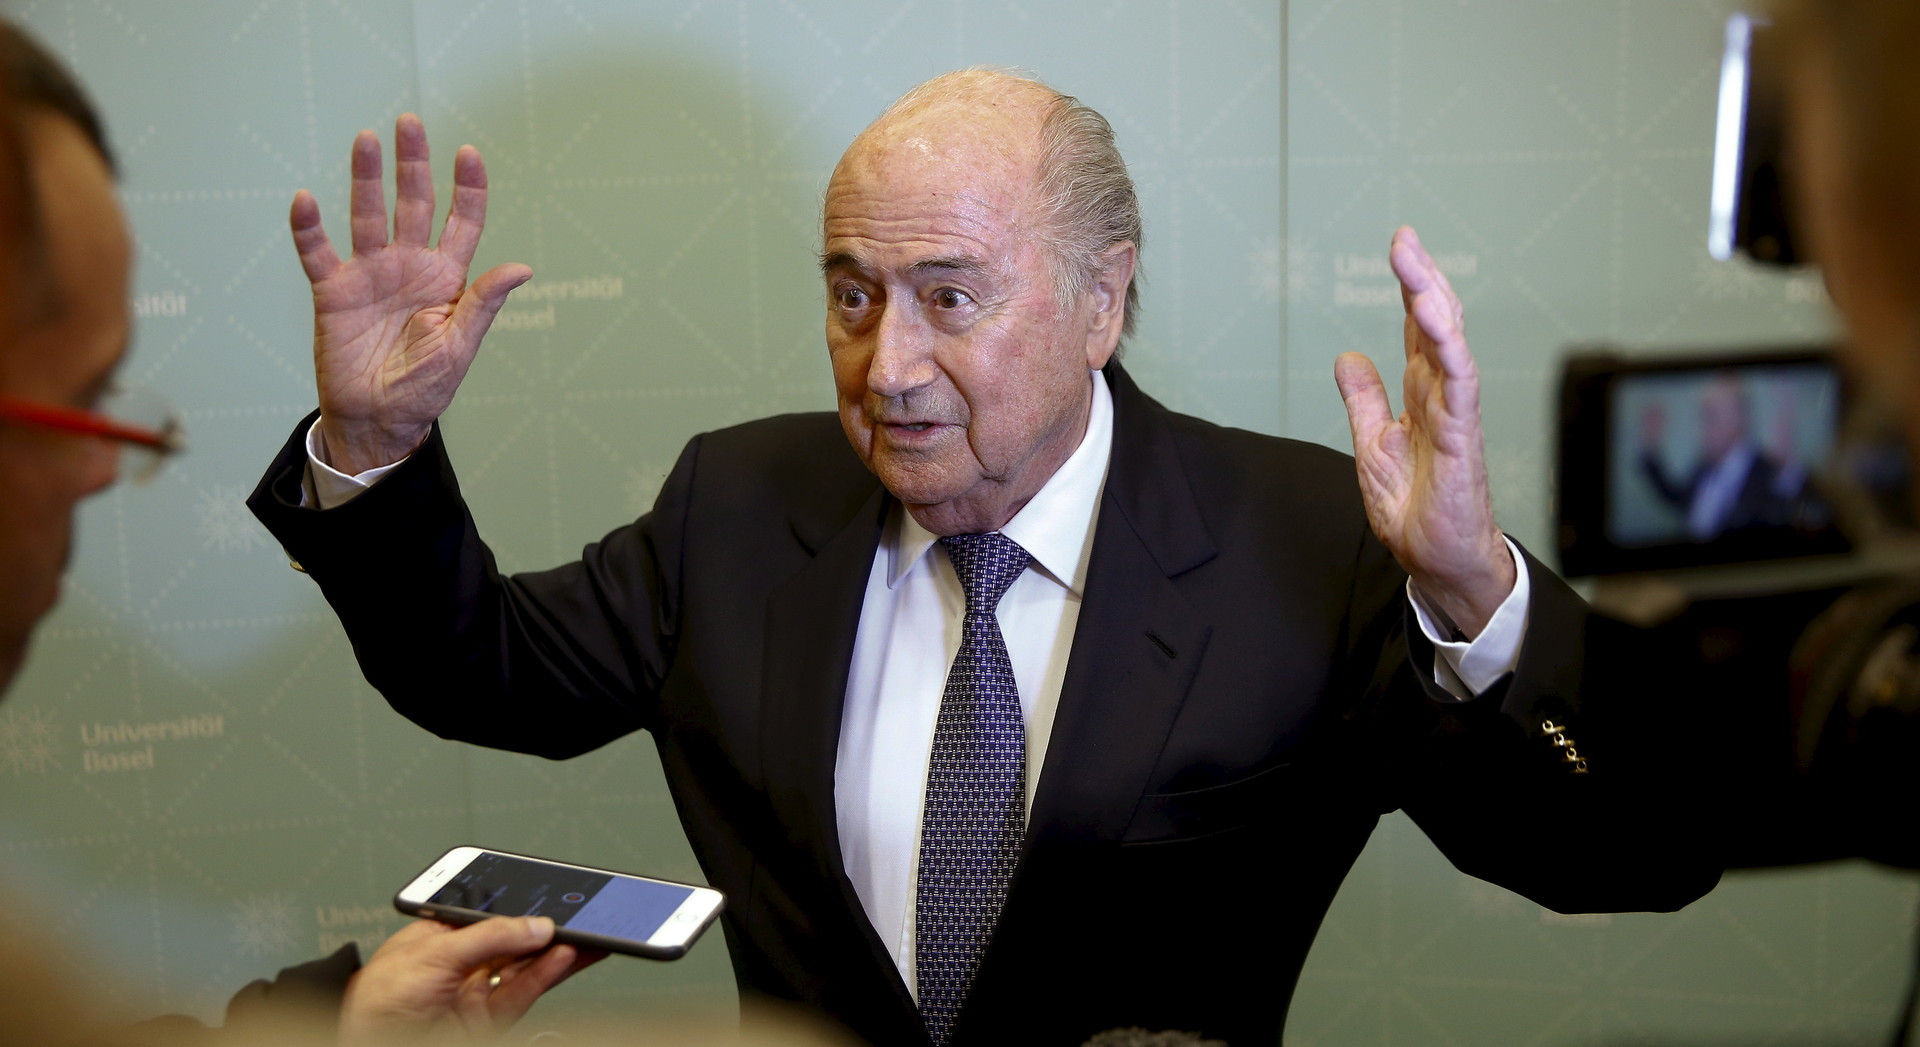 Экс-президент ФИФА Блаттер заявил, что был свидетелем нечестной жеребьёвки соревнования